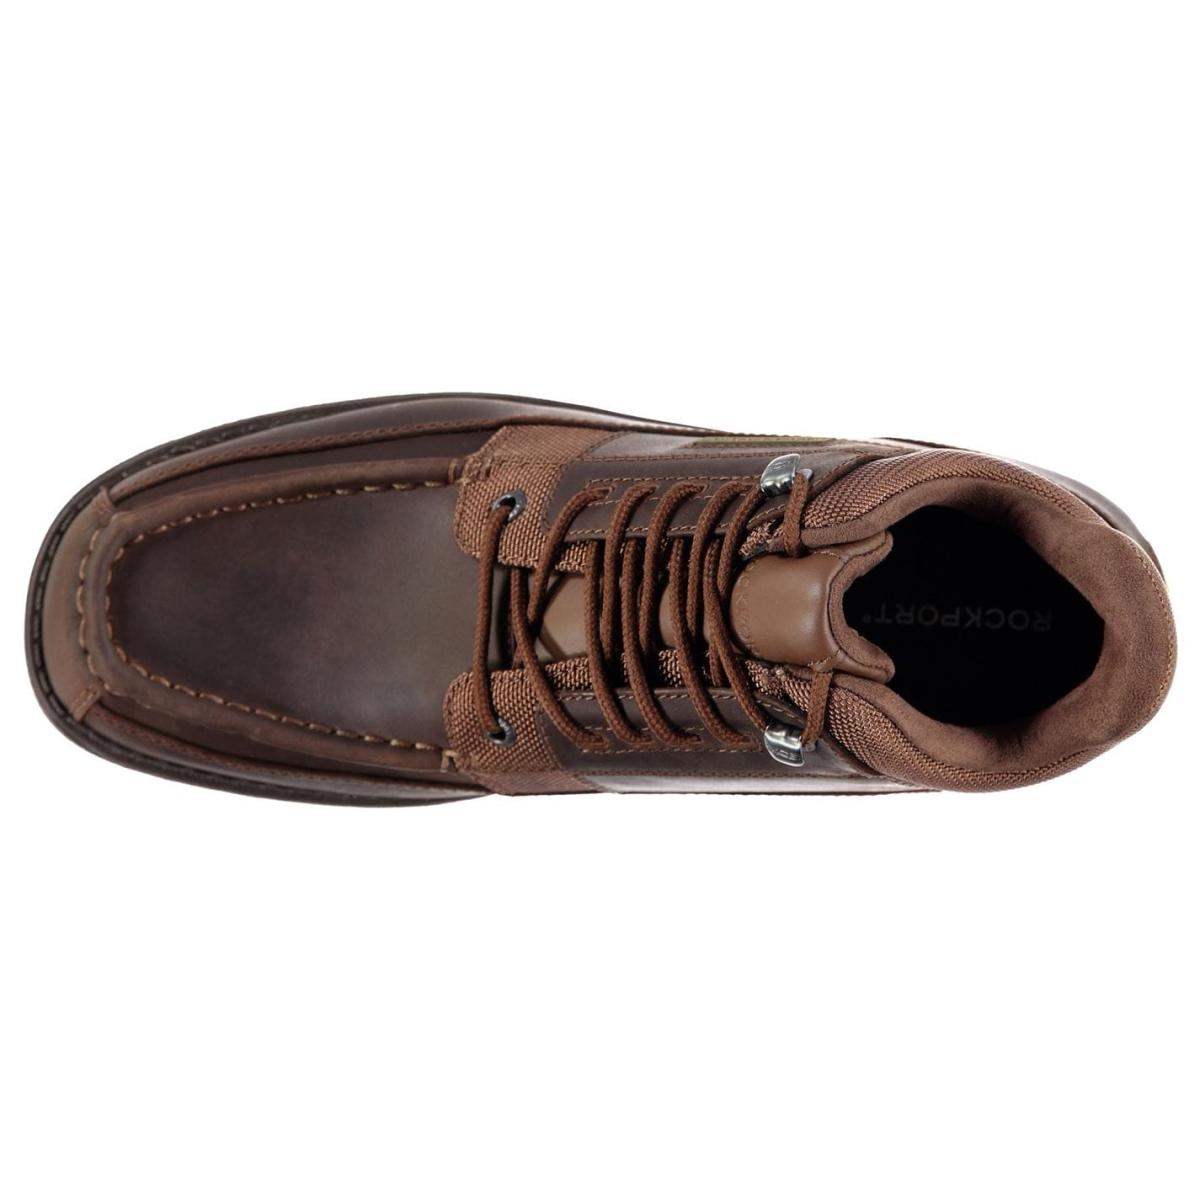 063 Boots Stiefel Stiefeletten Schuhe Winterschuhe zu Herren